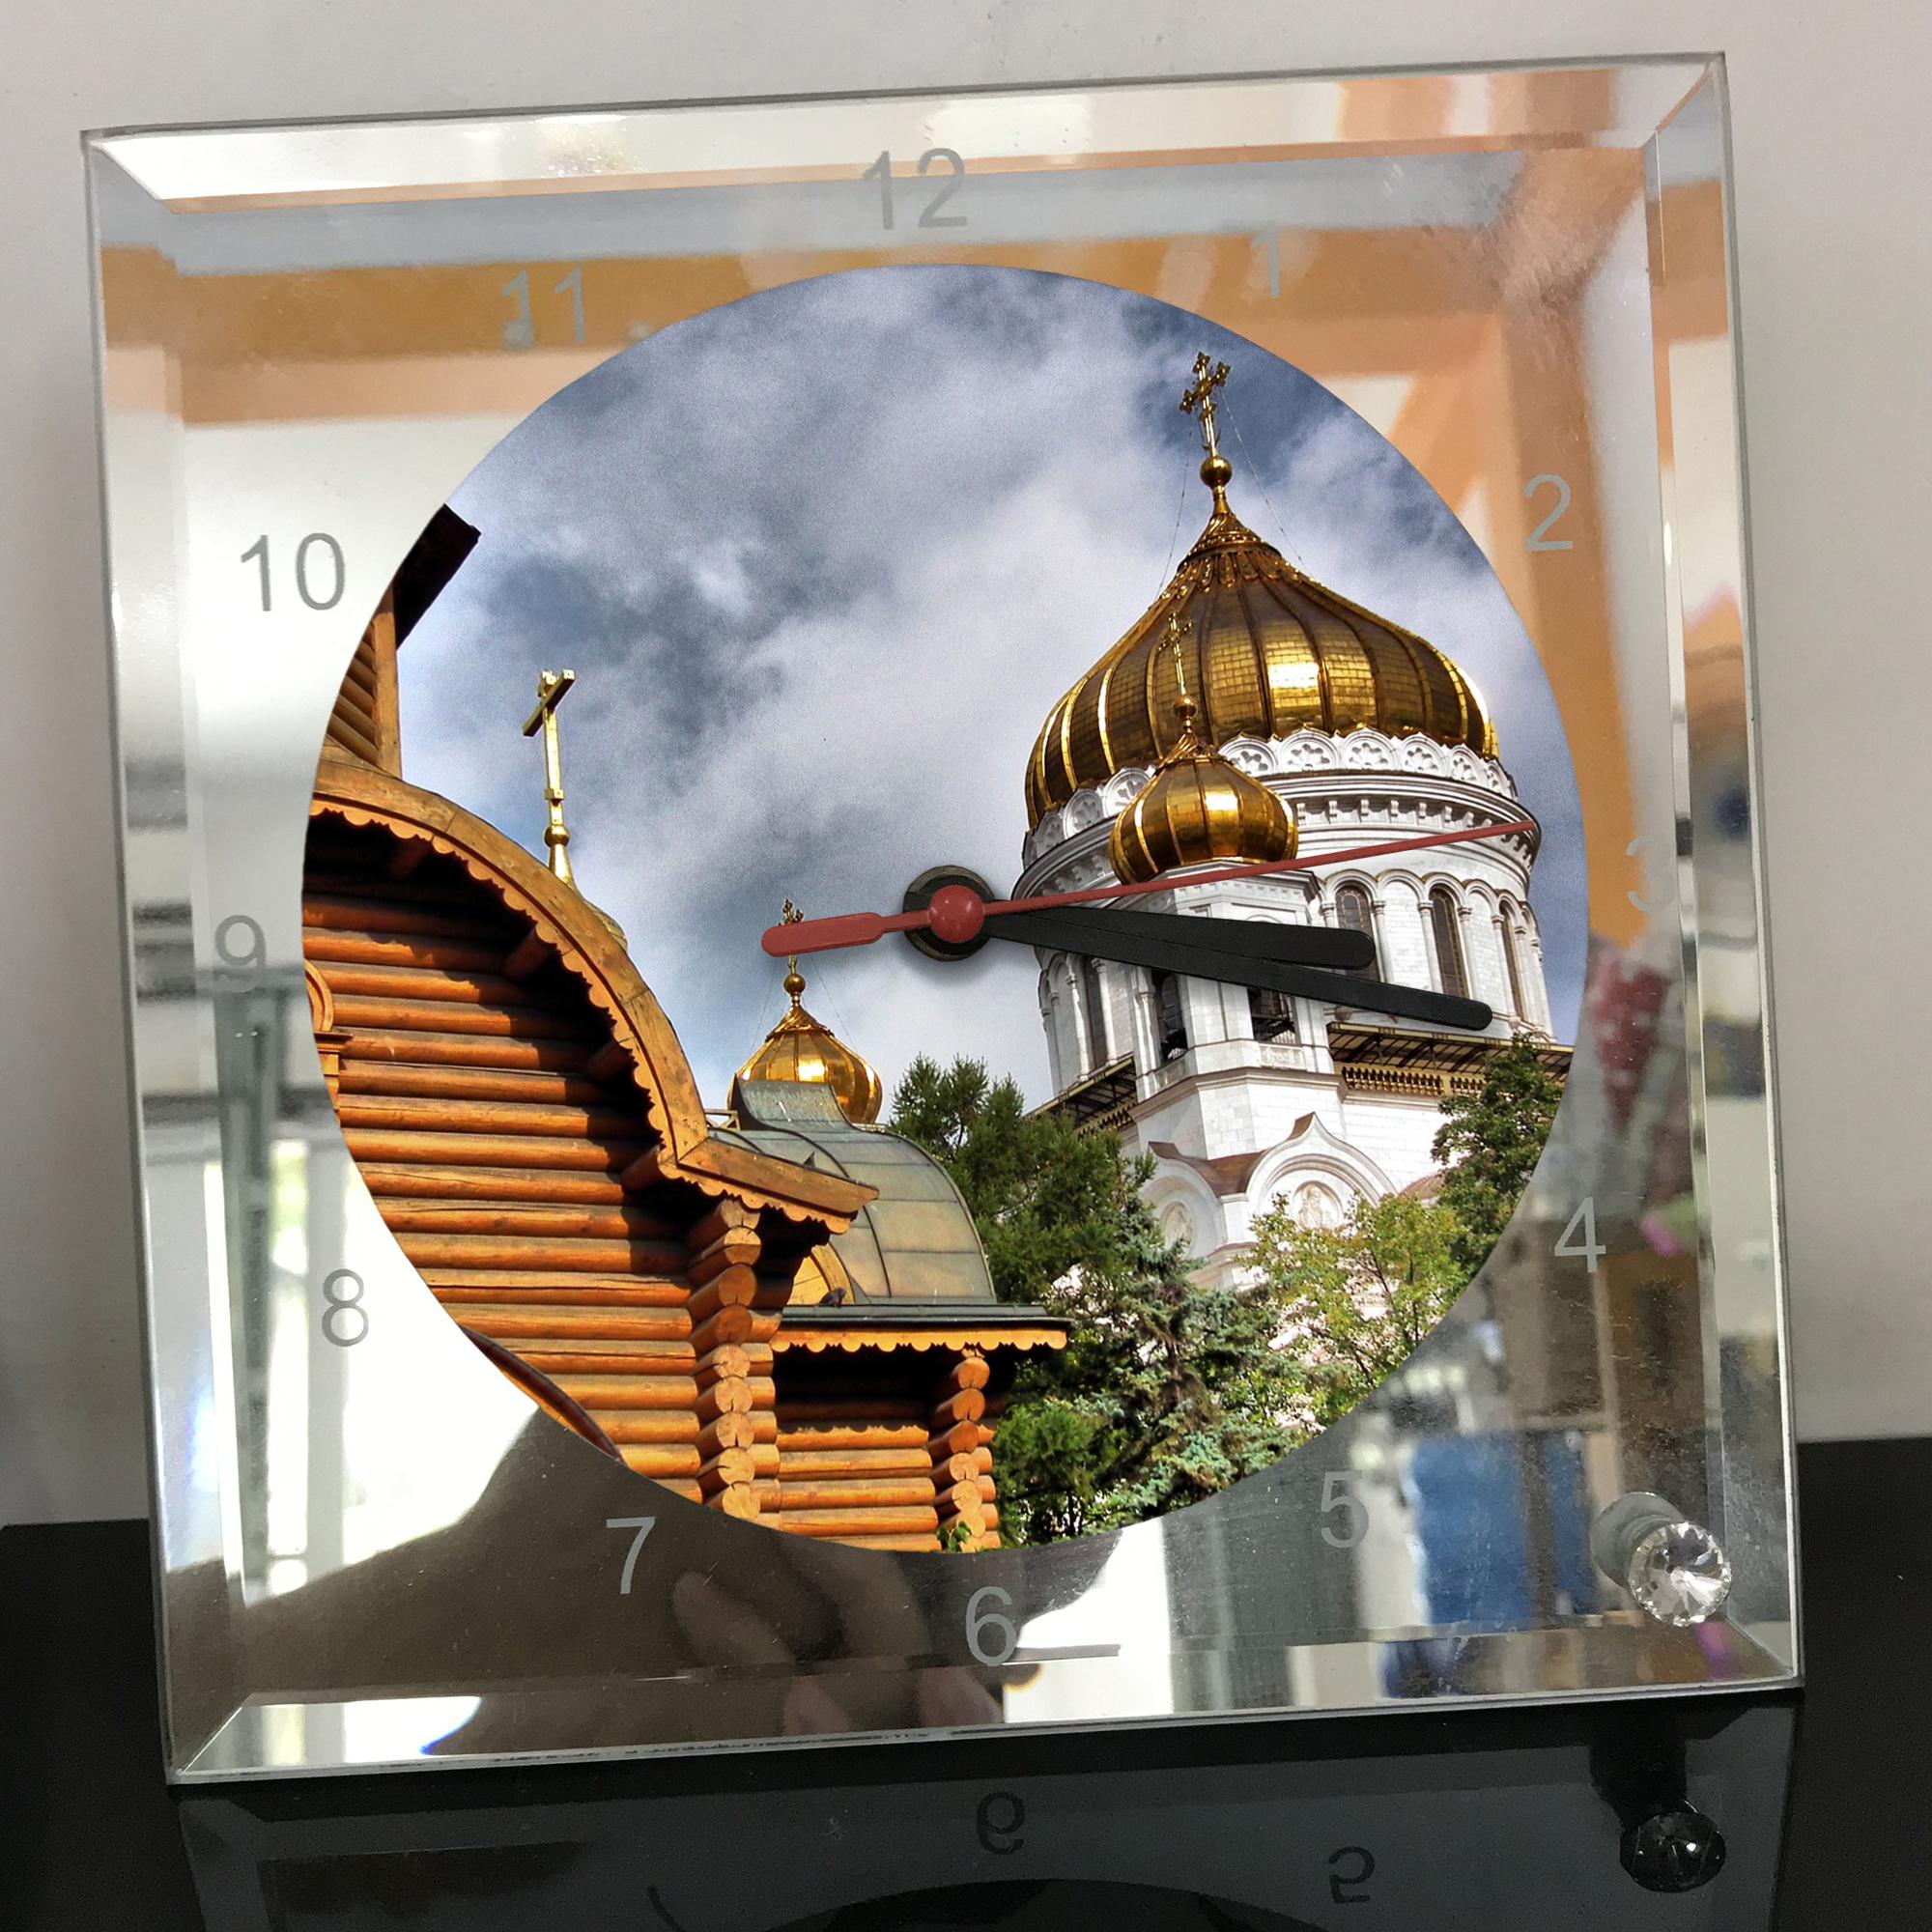 Đồng hồ thủy tinh vuông 20x20 in hình Cathedral Of Christ the saviour (49) . Đồng hồ thủy tinh để bàn trang trí đẹp chủ đề tôn giáo